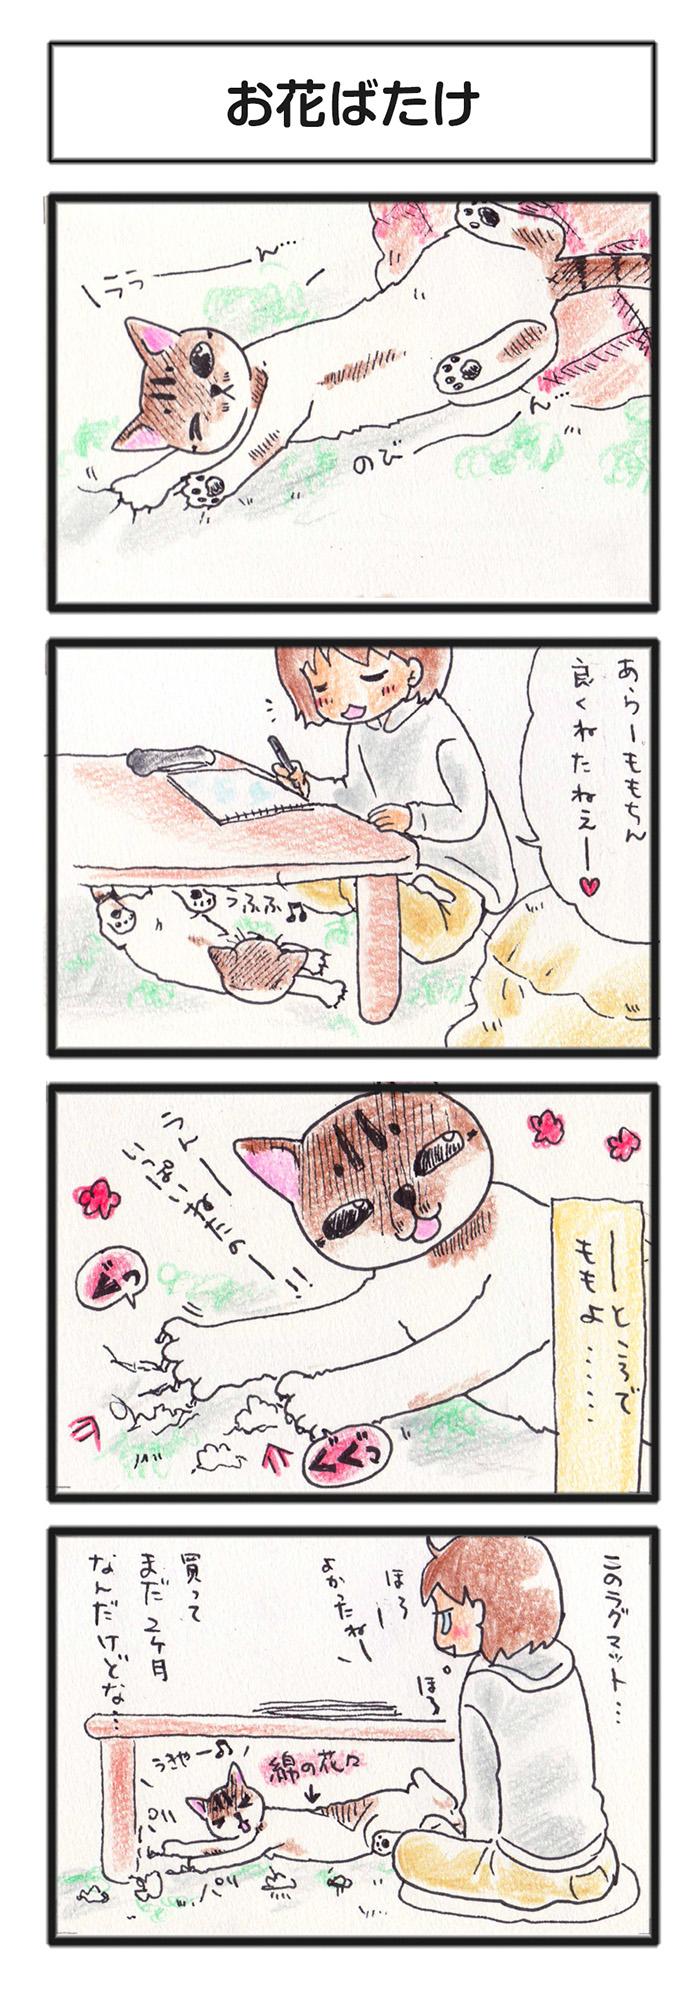 comic_4c_14112302.jpg